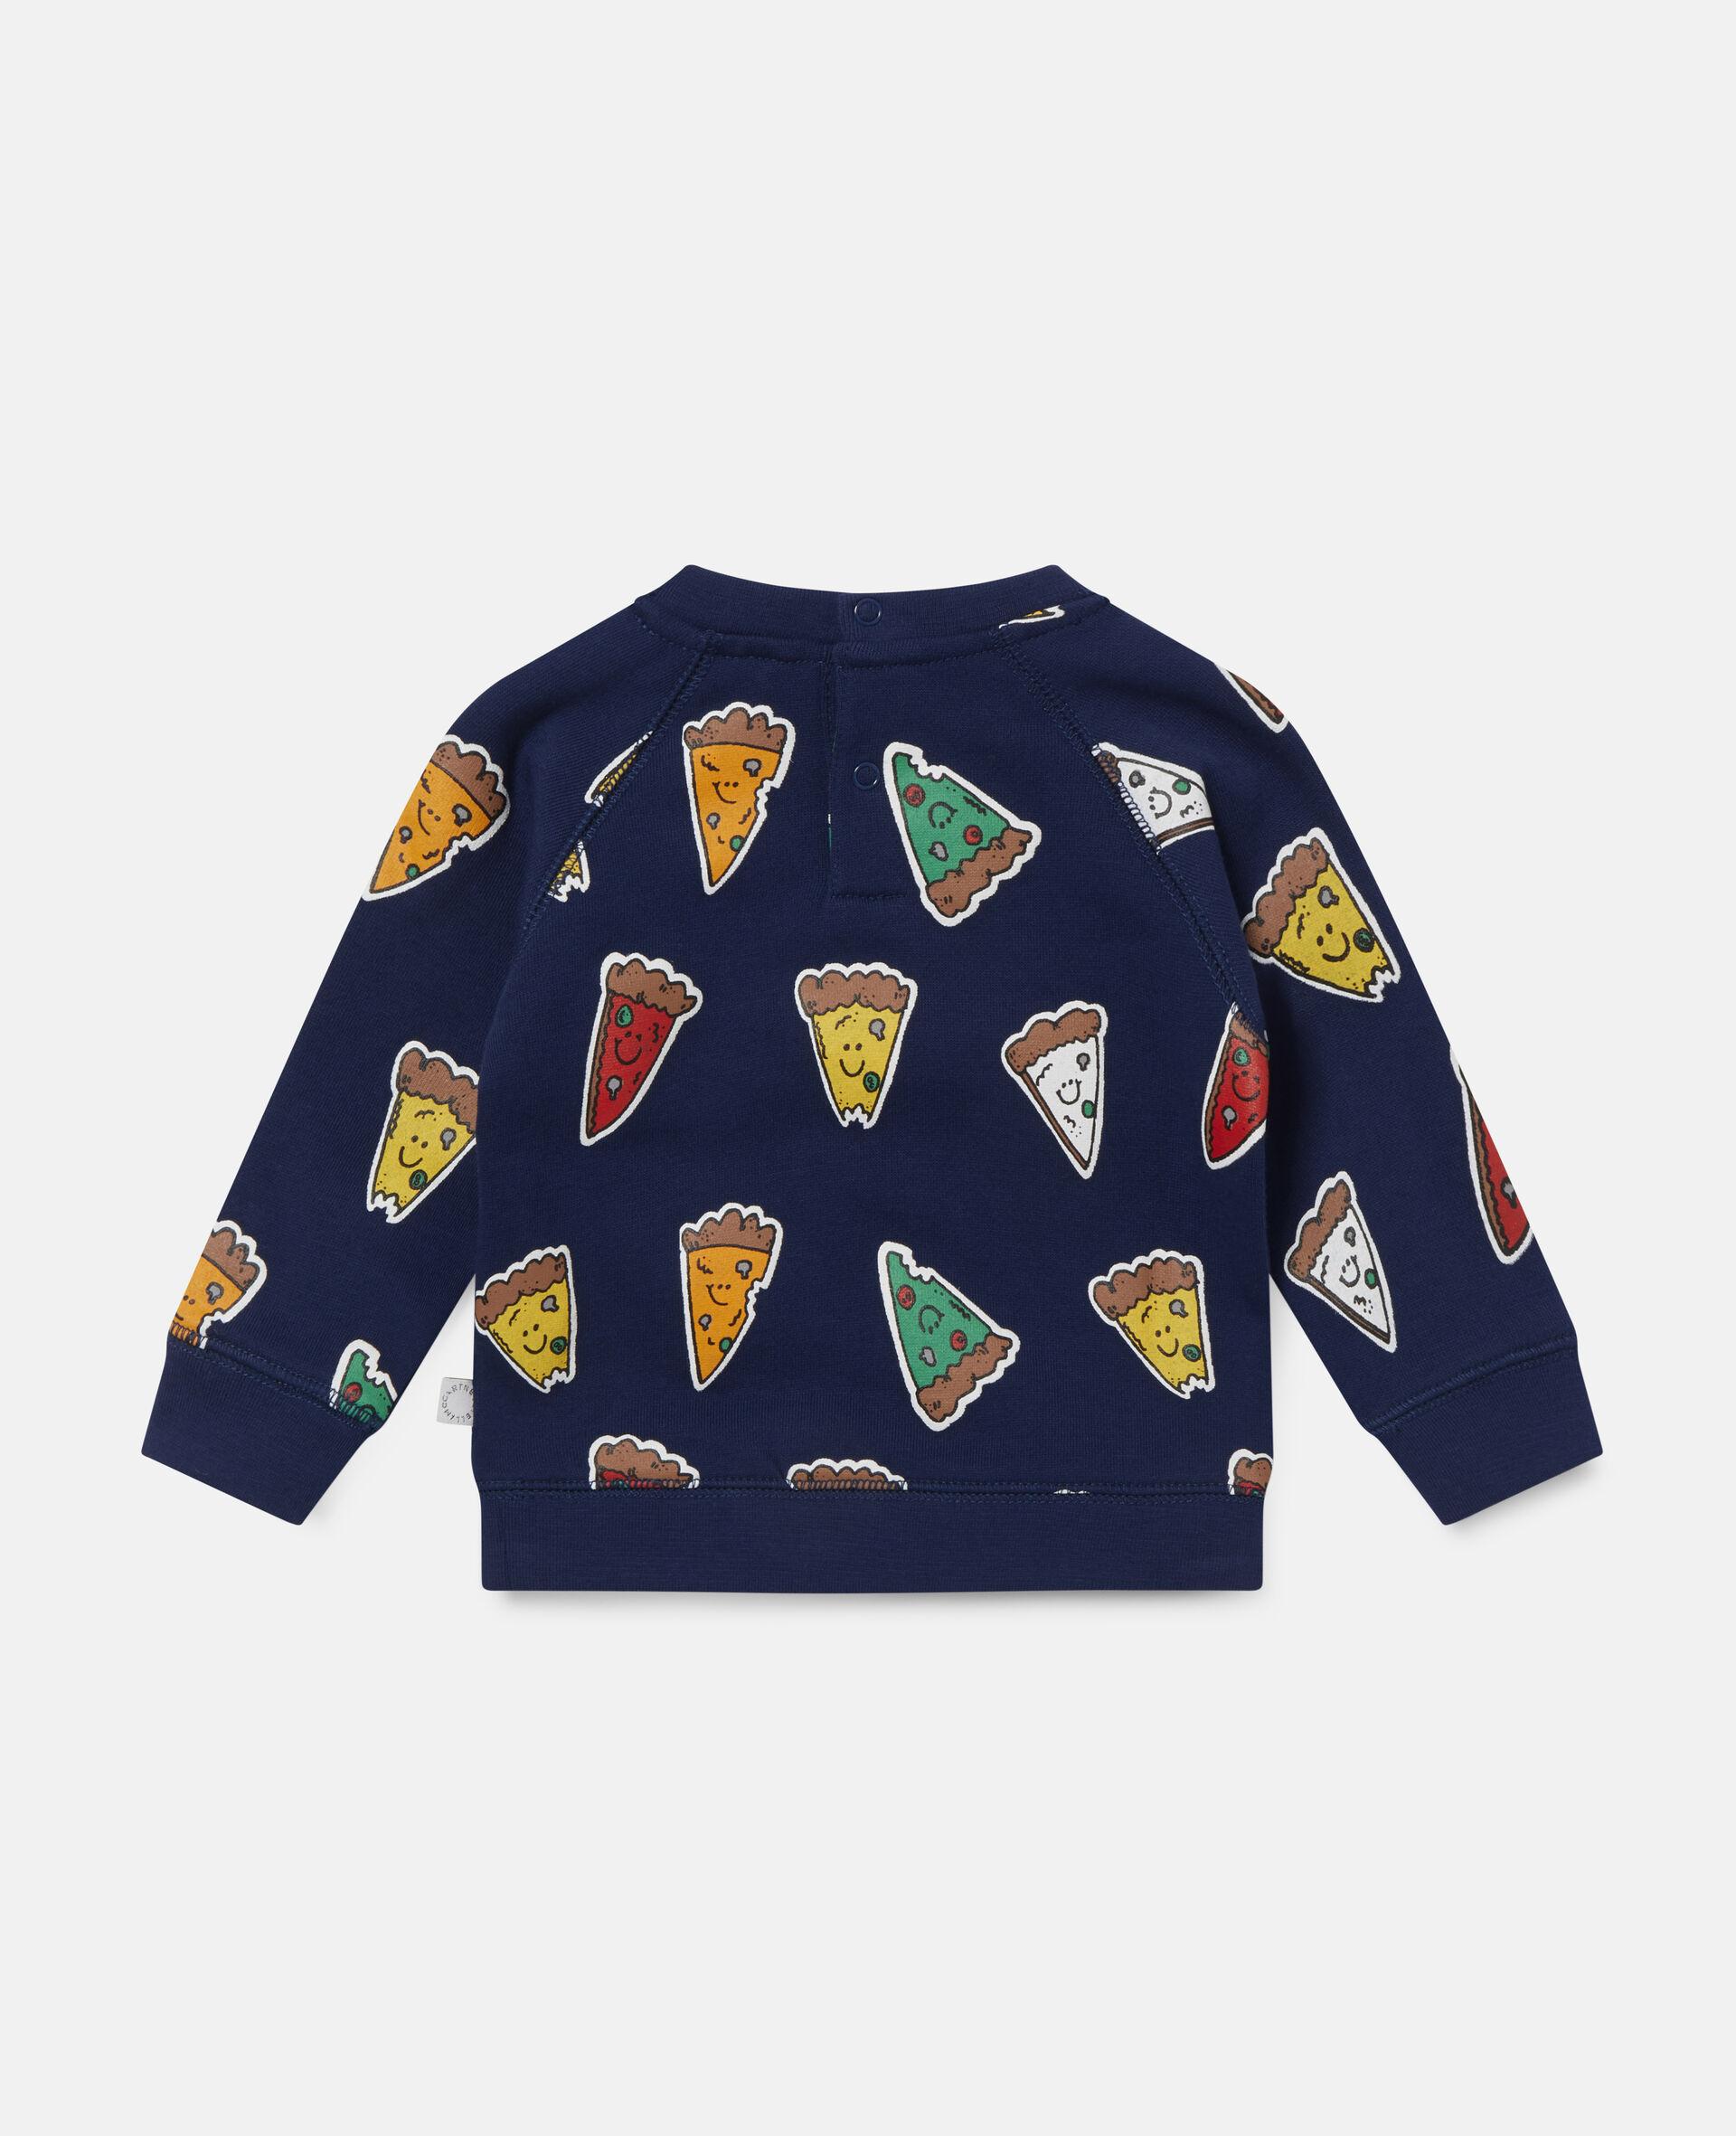 Fleece-Sweatshirt mit Pizzamotiv-Blau-large image number 3